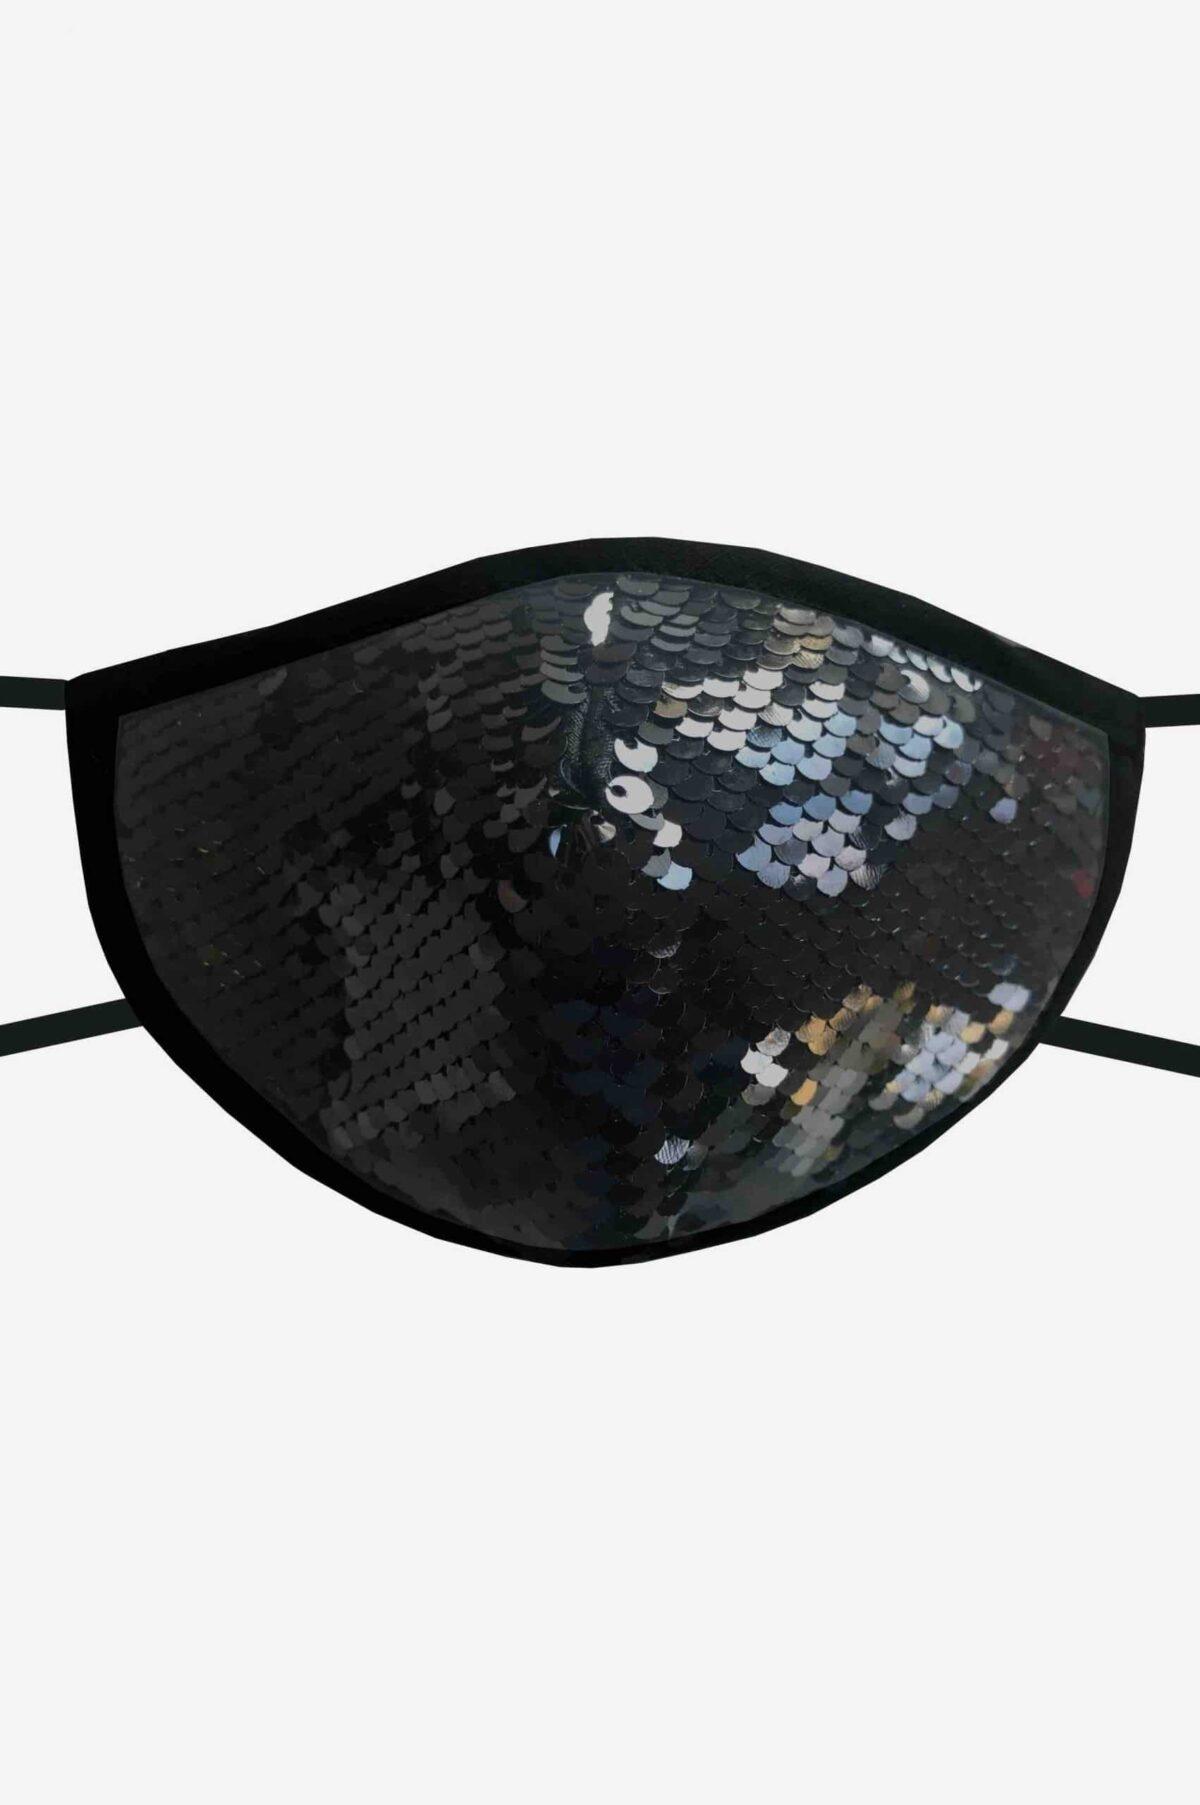 Stylische Mund-Nase-Maske Gesichtsmaske von SANOGE mit schwarzen und silber Glitzer Pailletten. Hergestellt in Deutschland.